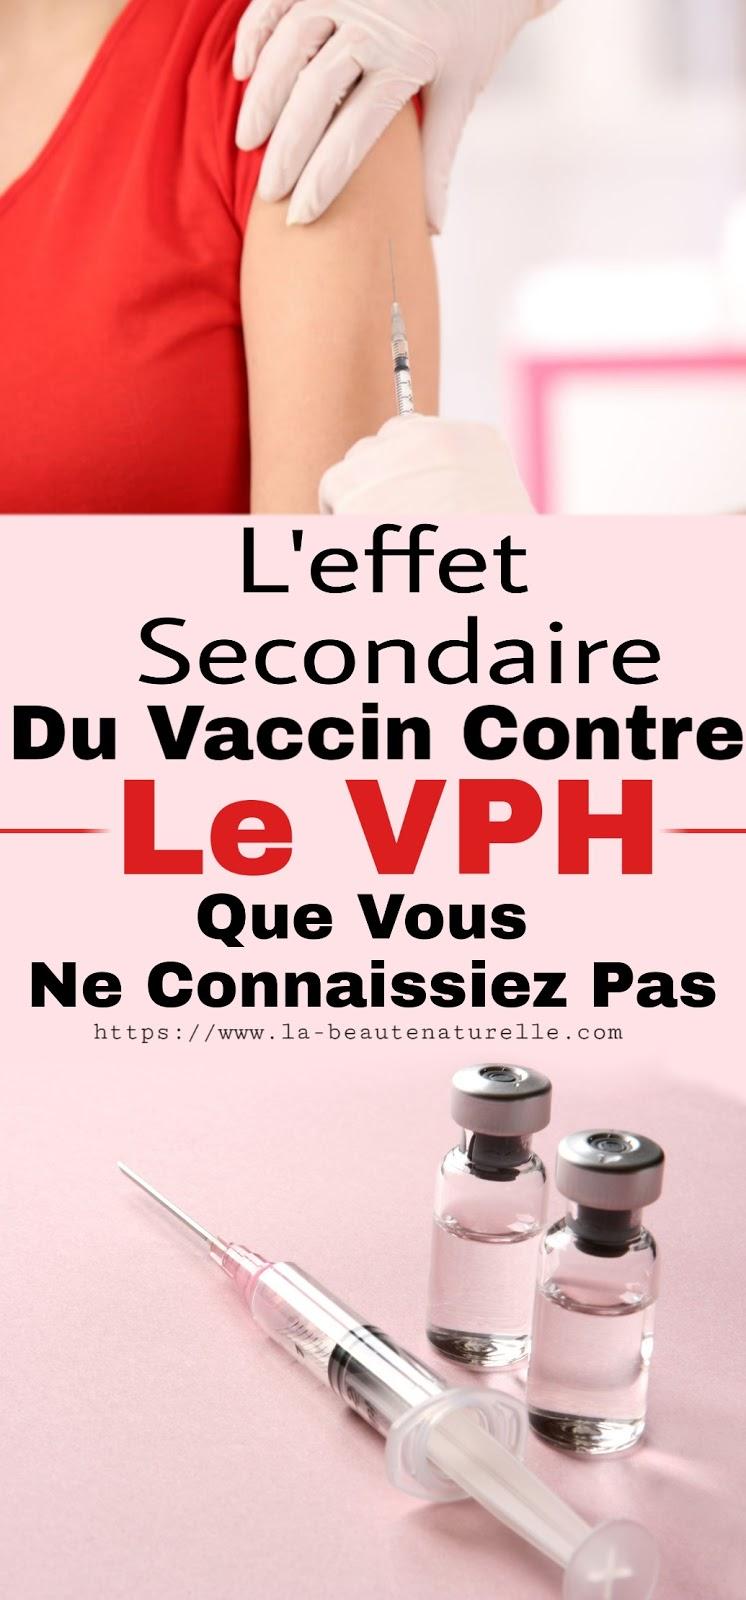 L'effet Secondaire Du Vaccin Contre Le VPH Que Vous Ne Connaissiez Pas